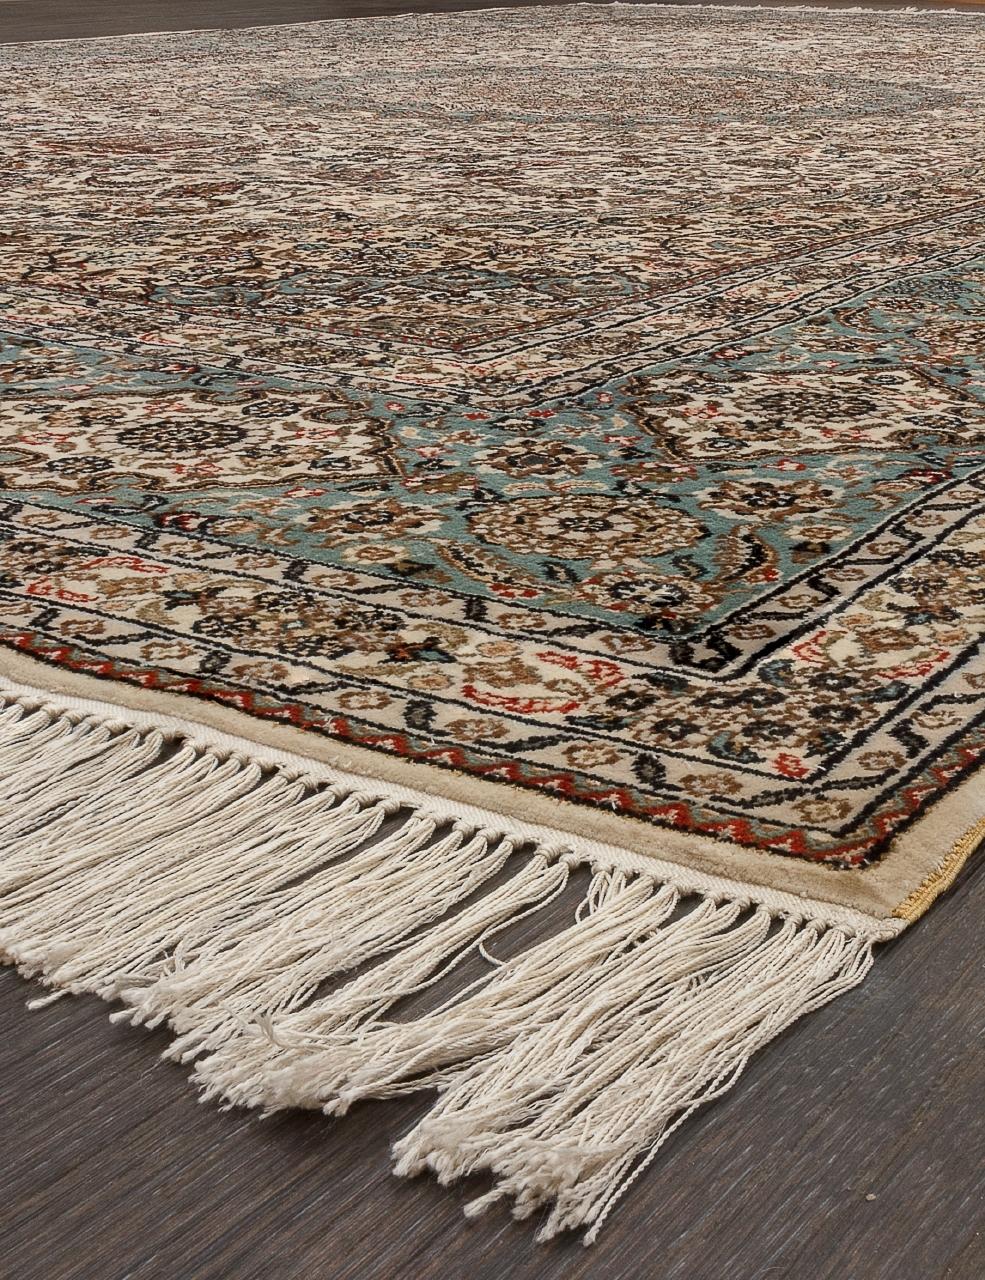 Ковер S-08 - CREAM / BLUE - Прямоугольник - коллекция Tibet SILK & SILK - фото 3